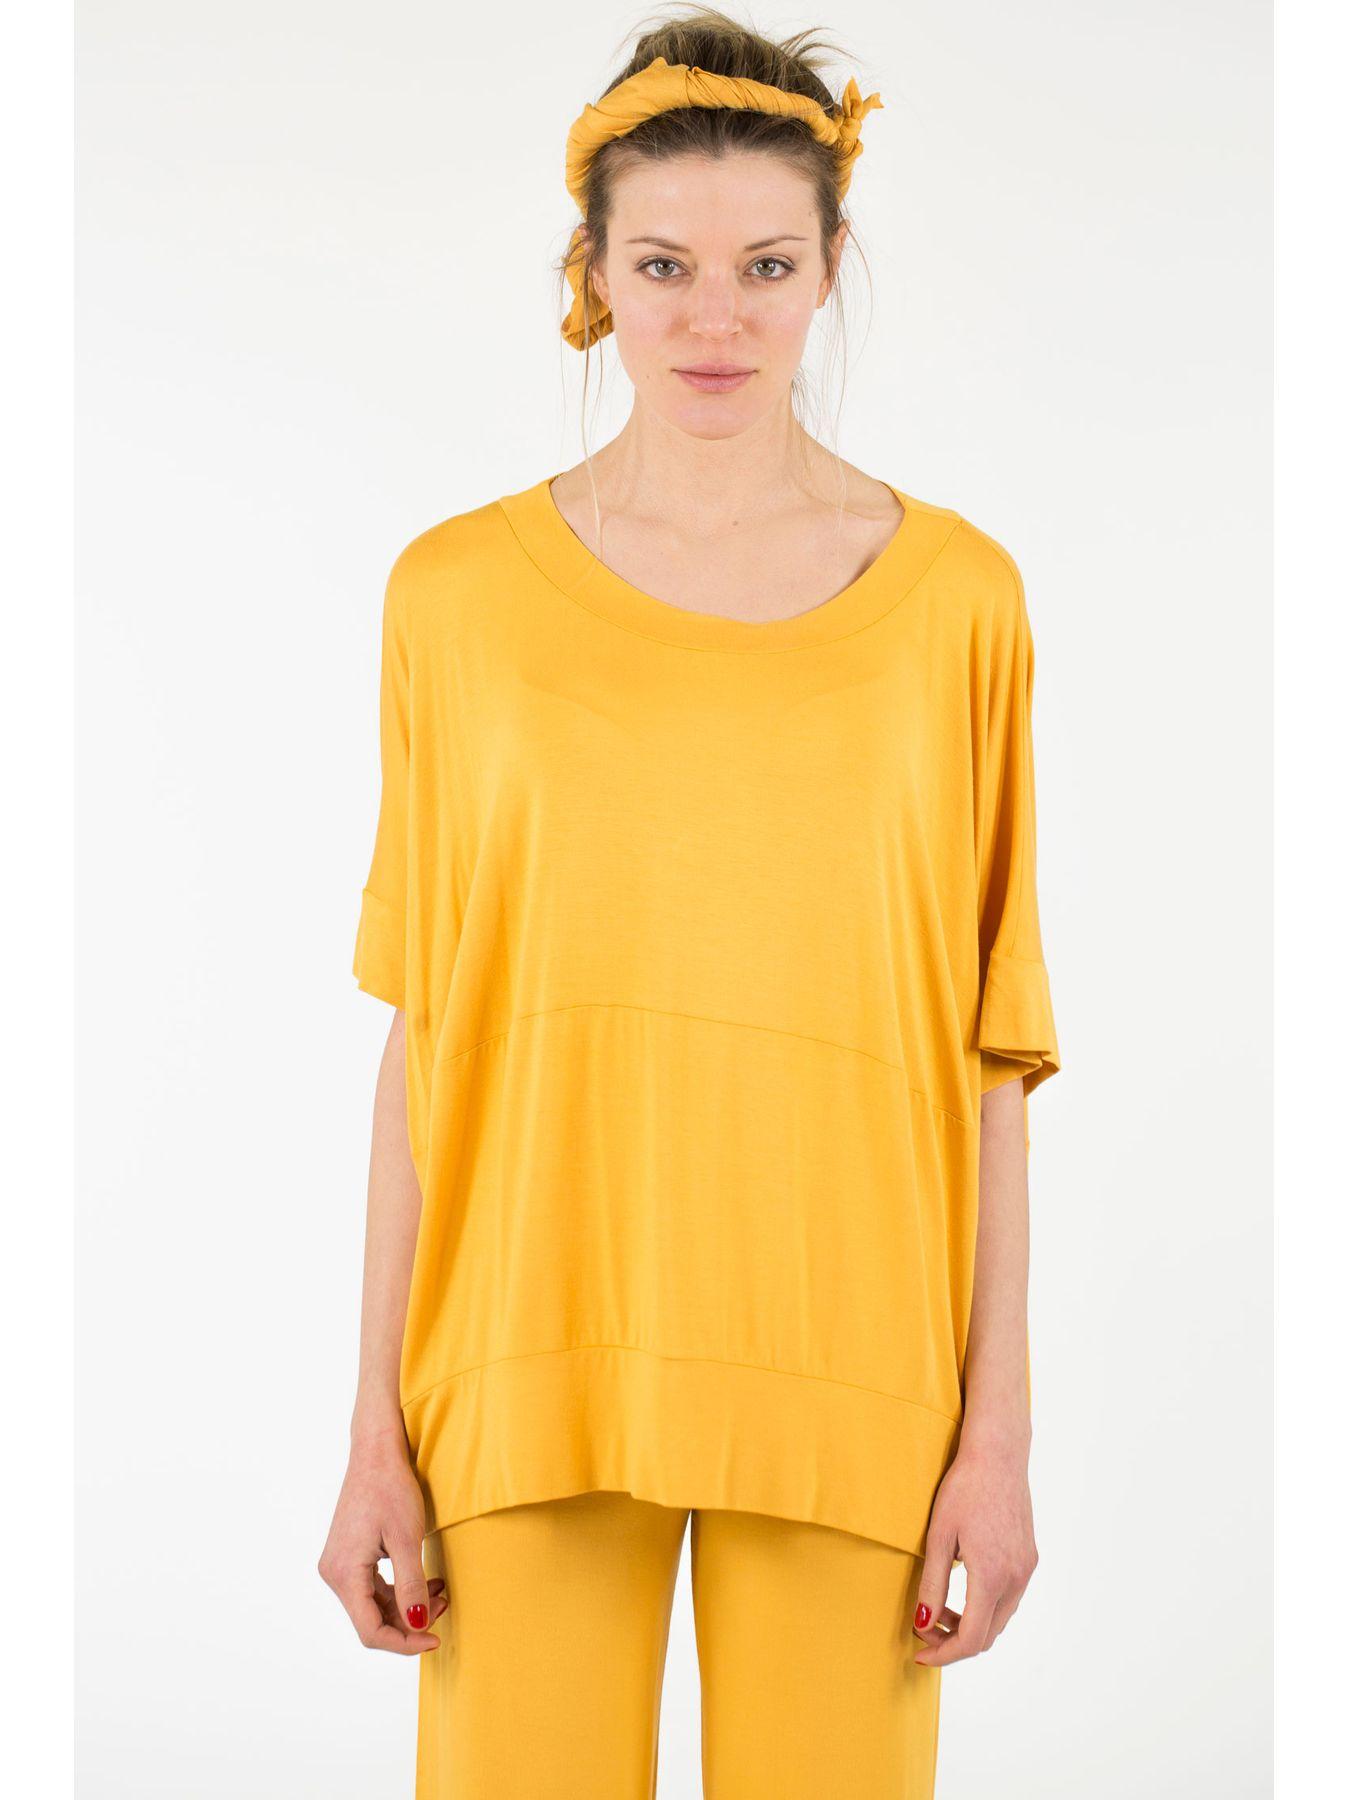 T-shirt bordata